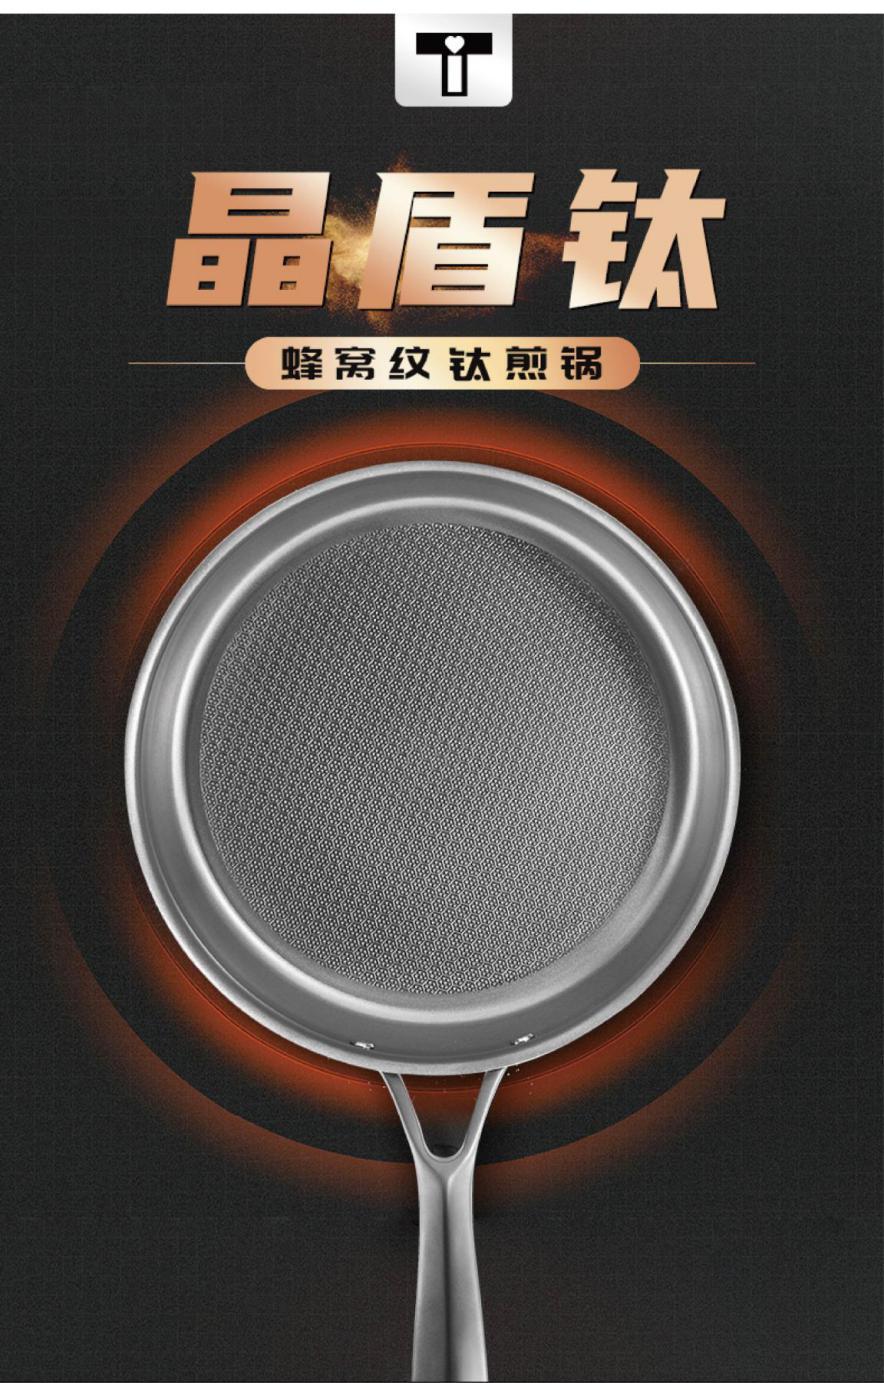 重磅!钛锅技术革新,tiyi蜂窝晶盾钛霸气上市